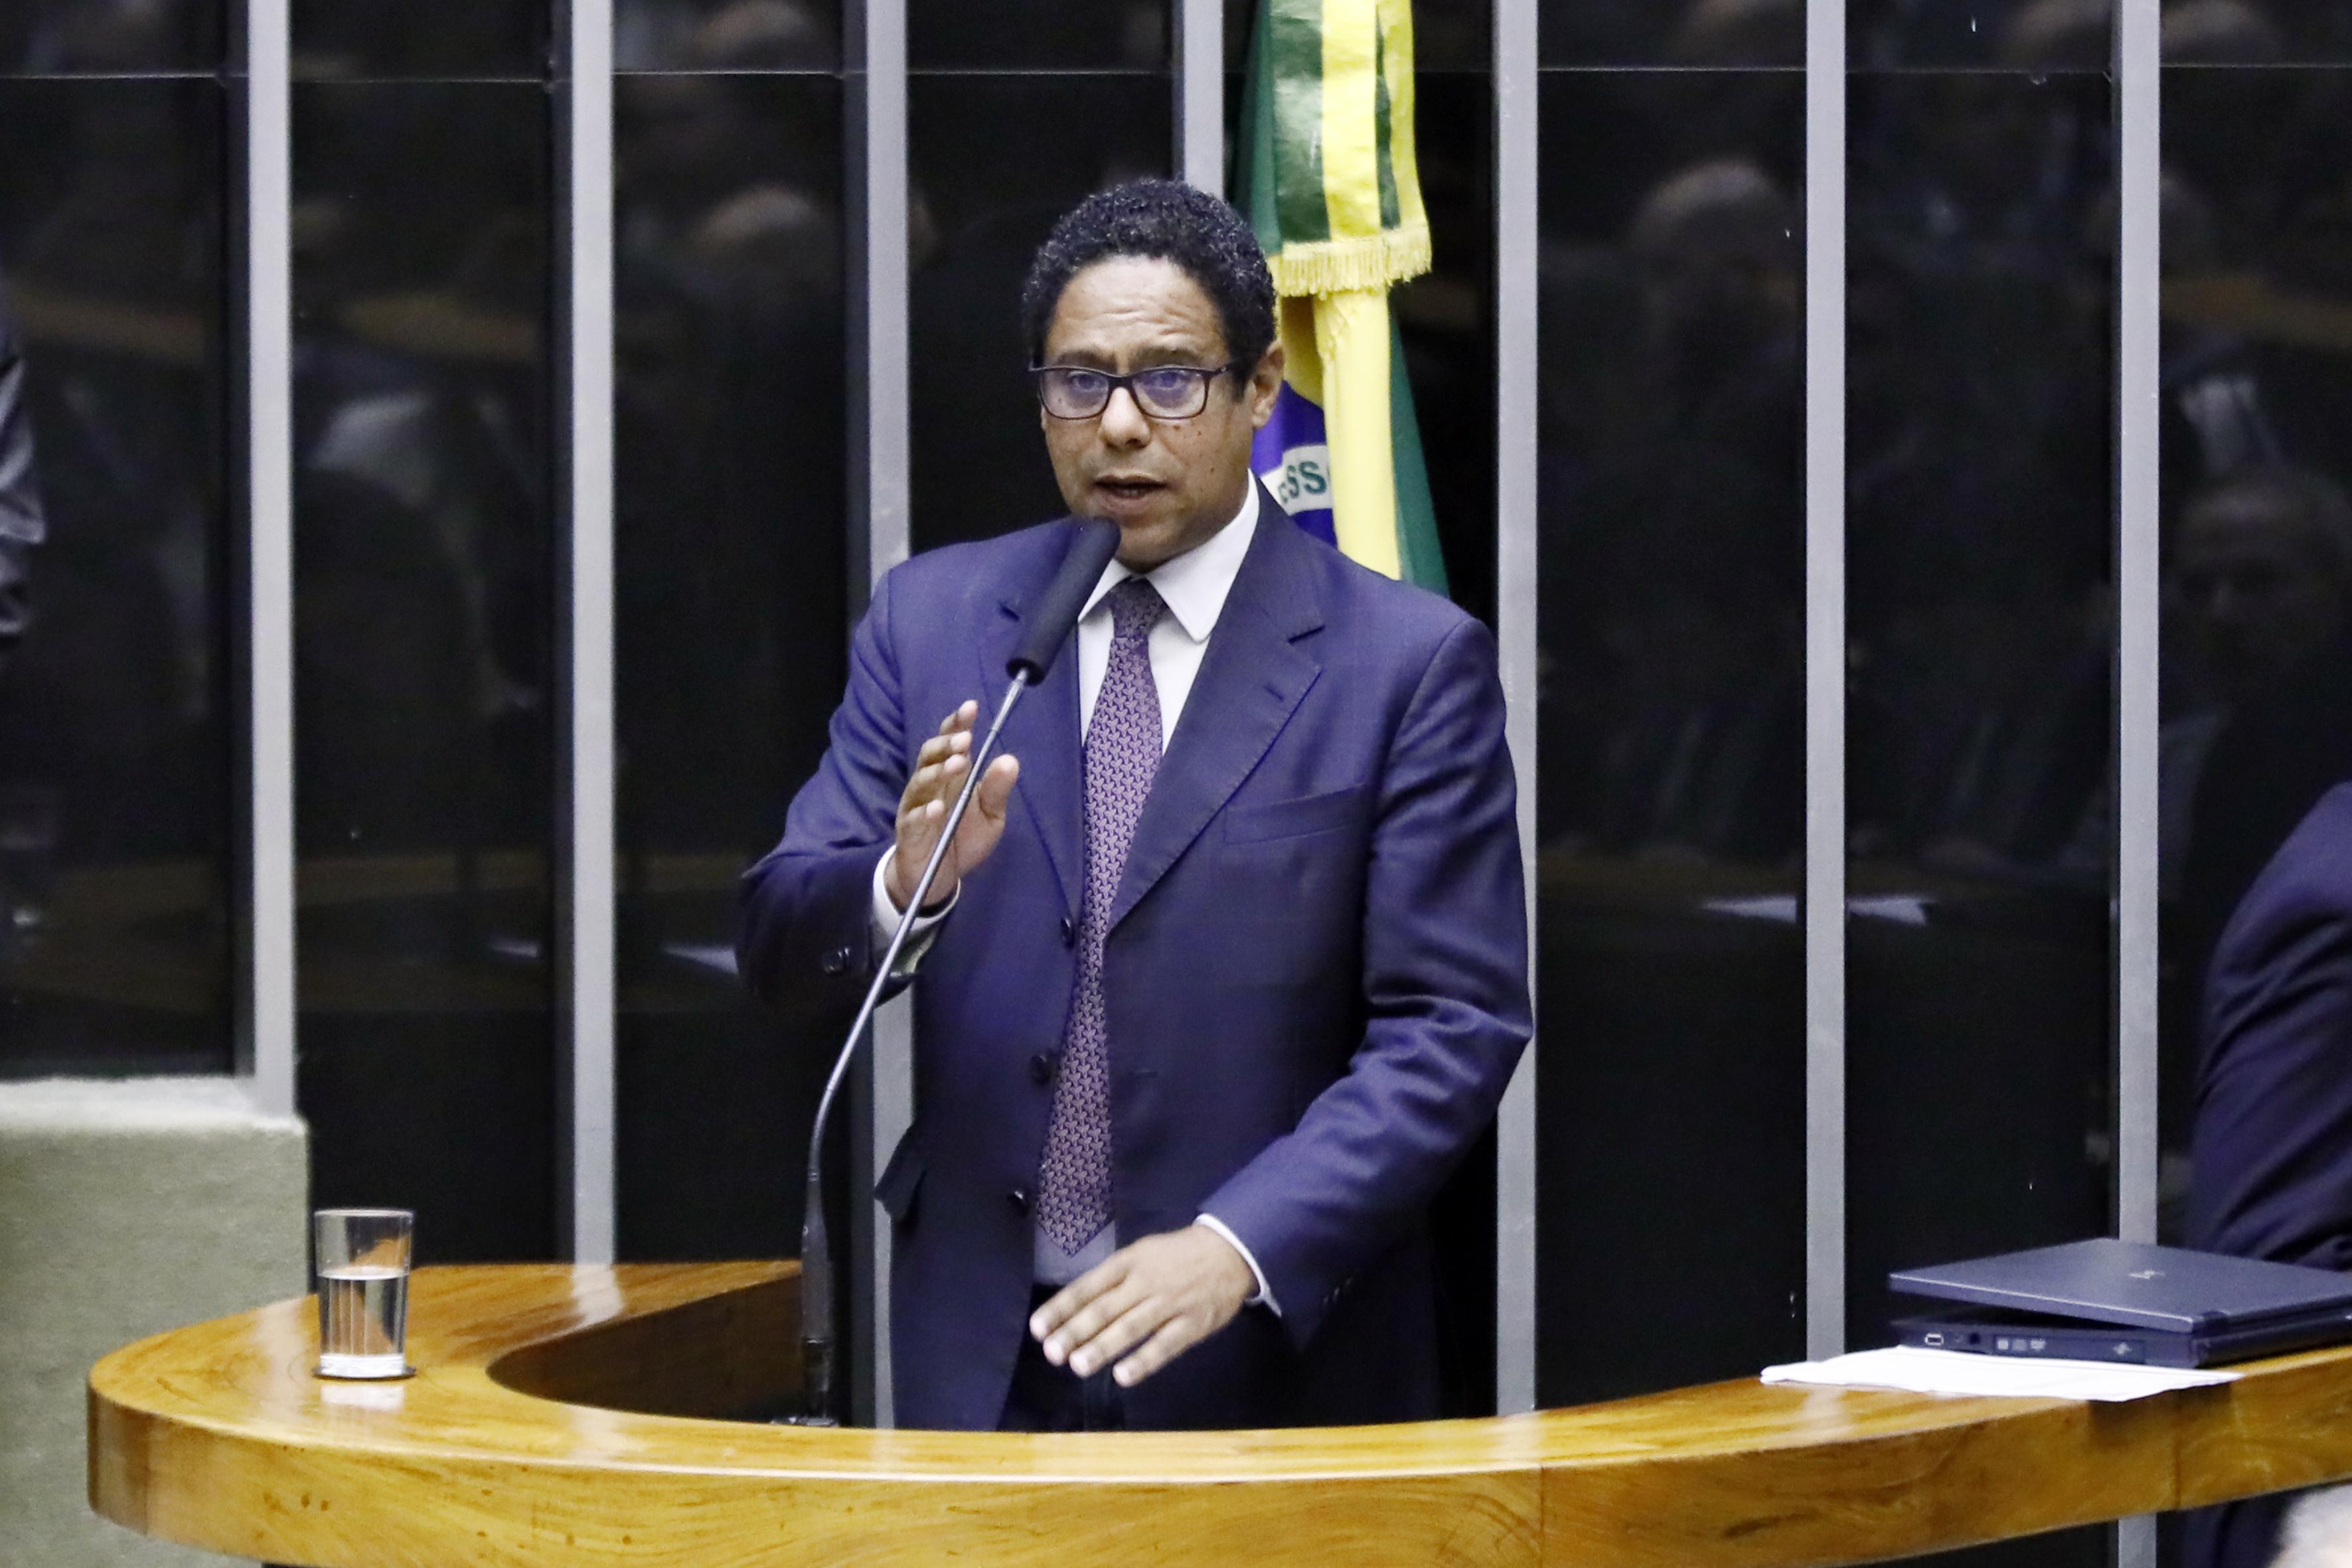 Convocação do ministro da educação, a fim de prestar esclarecimentos acerca dos cortes orçamentários na educação brasileira. Dep. Orlando Silva (PCdoB-SP)